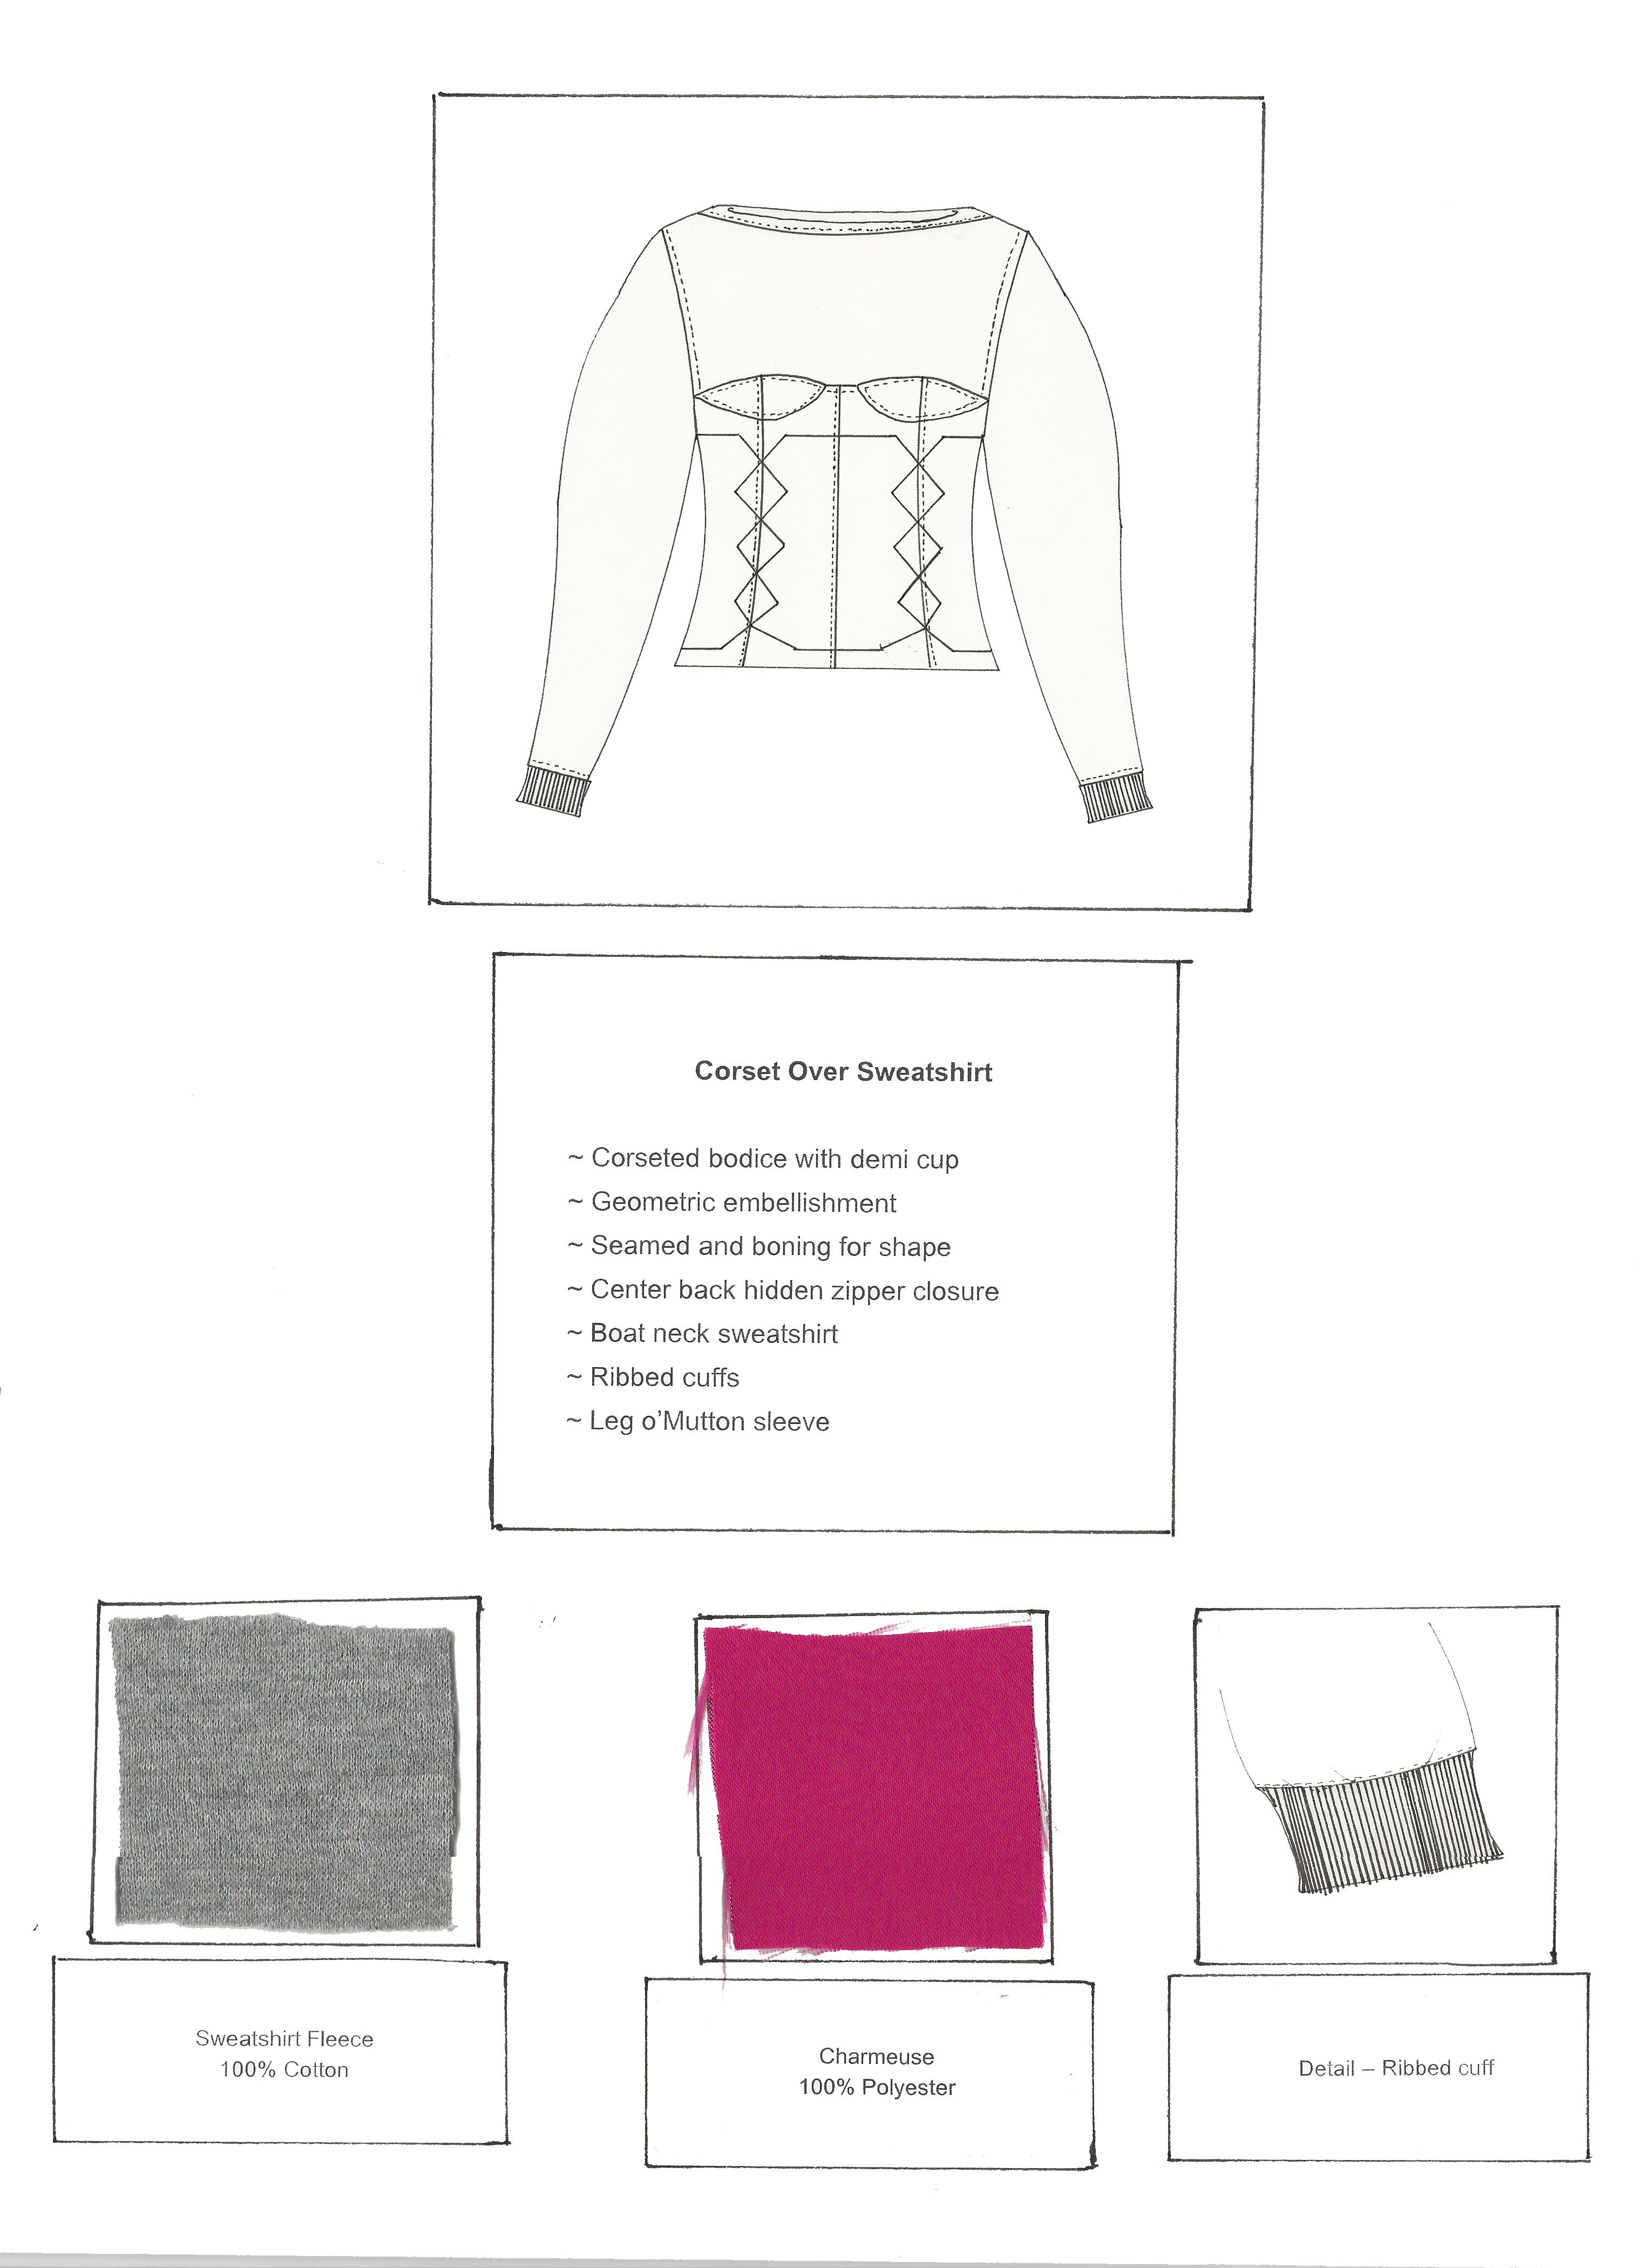 Corset Sweatshirt